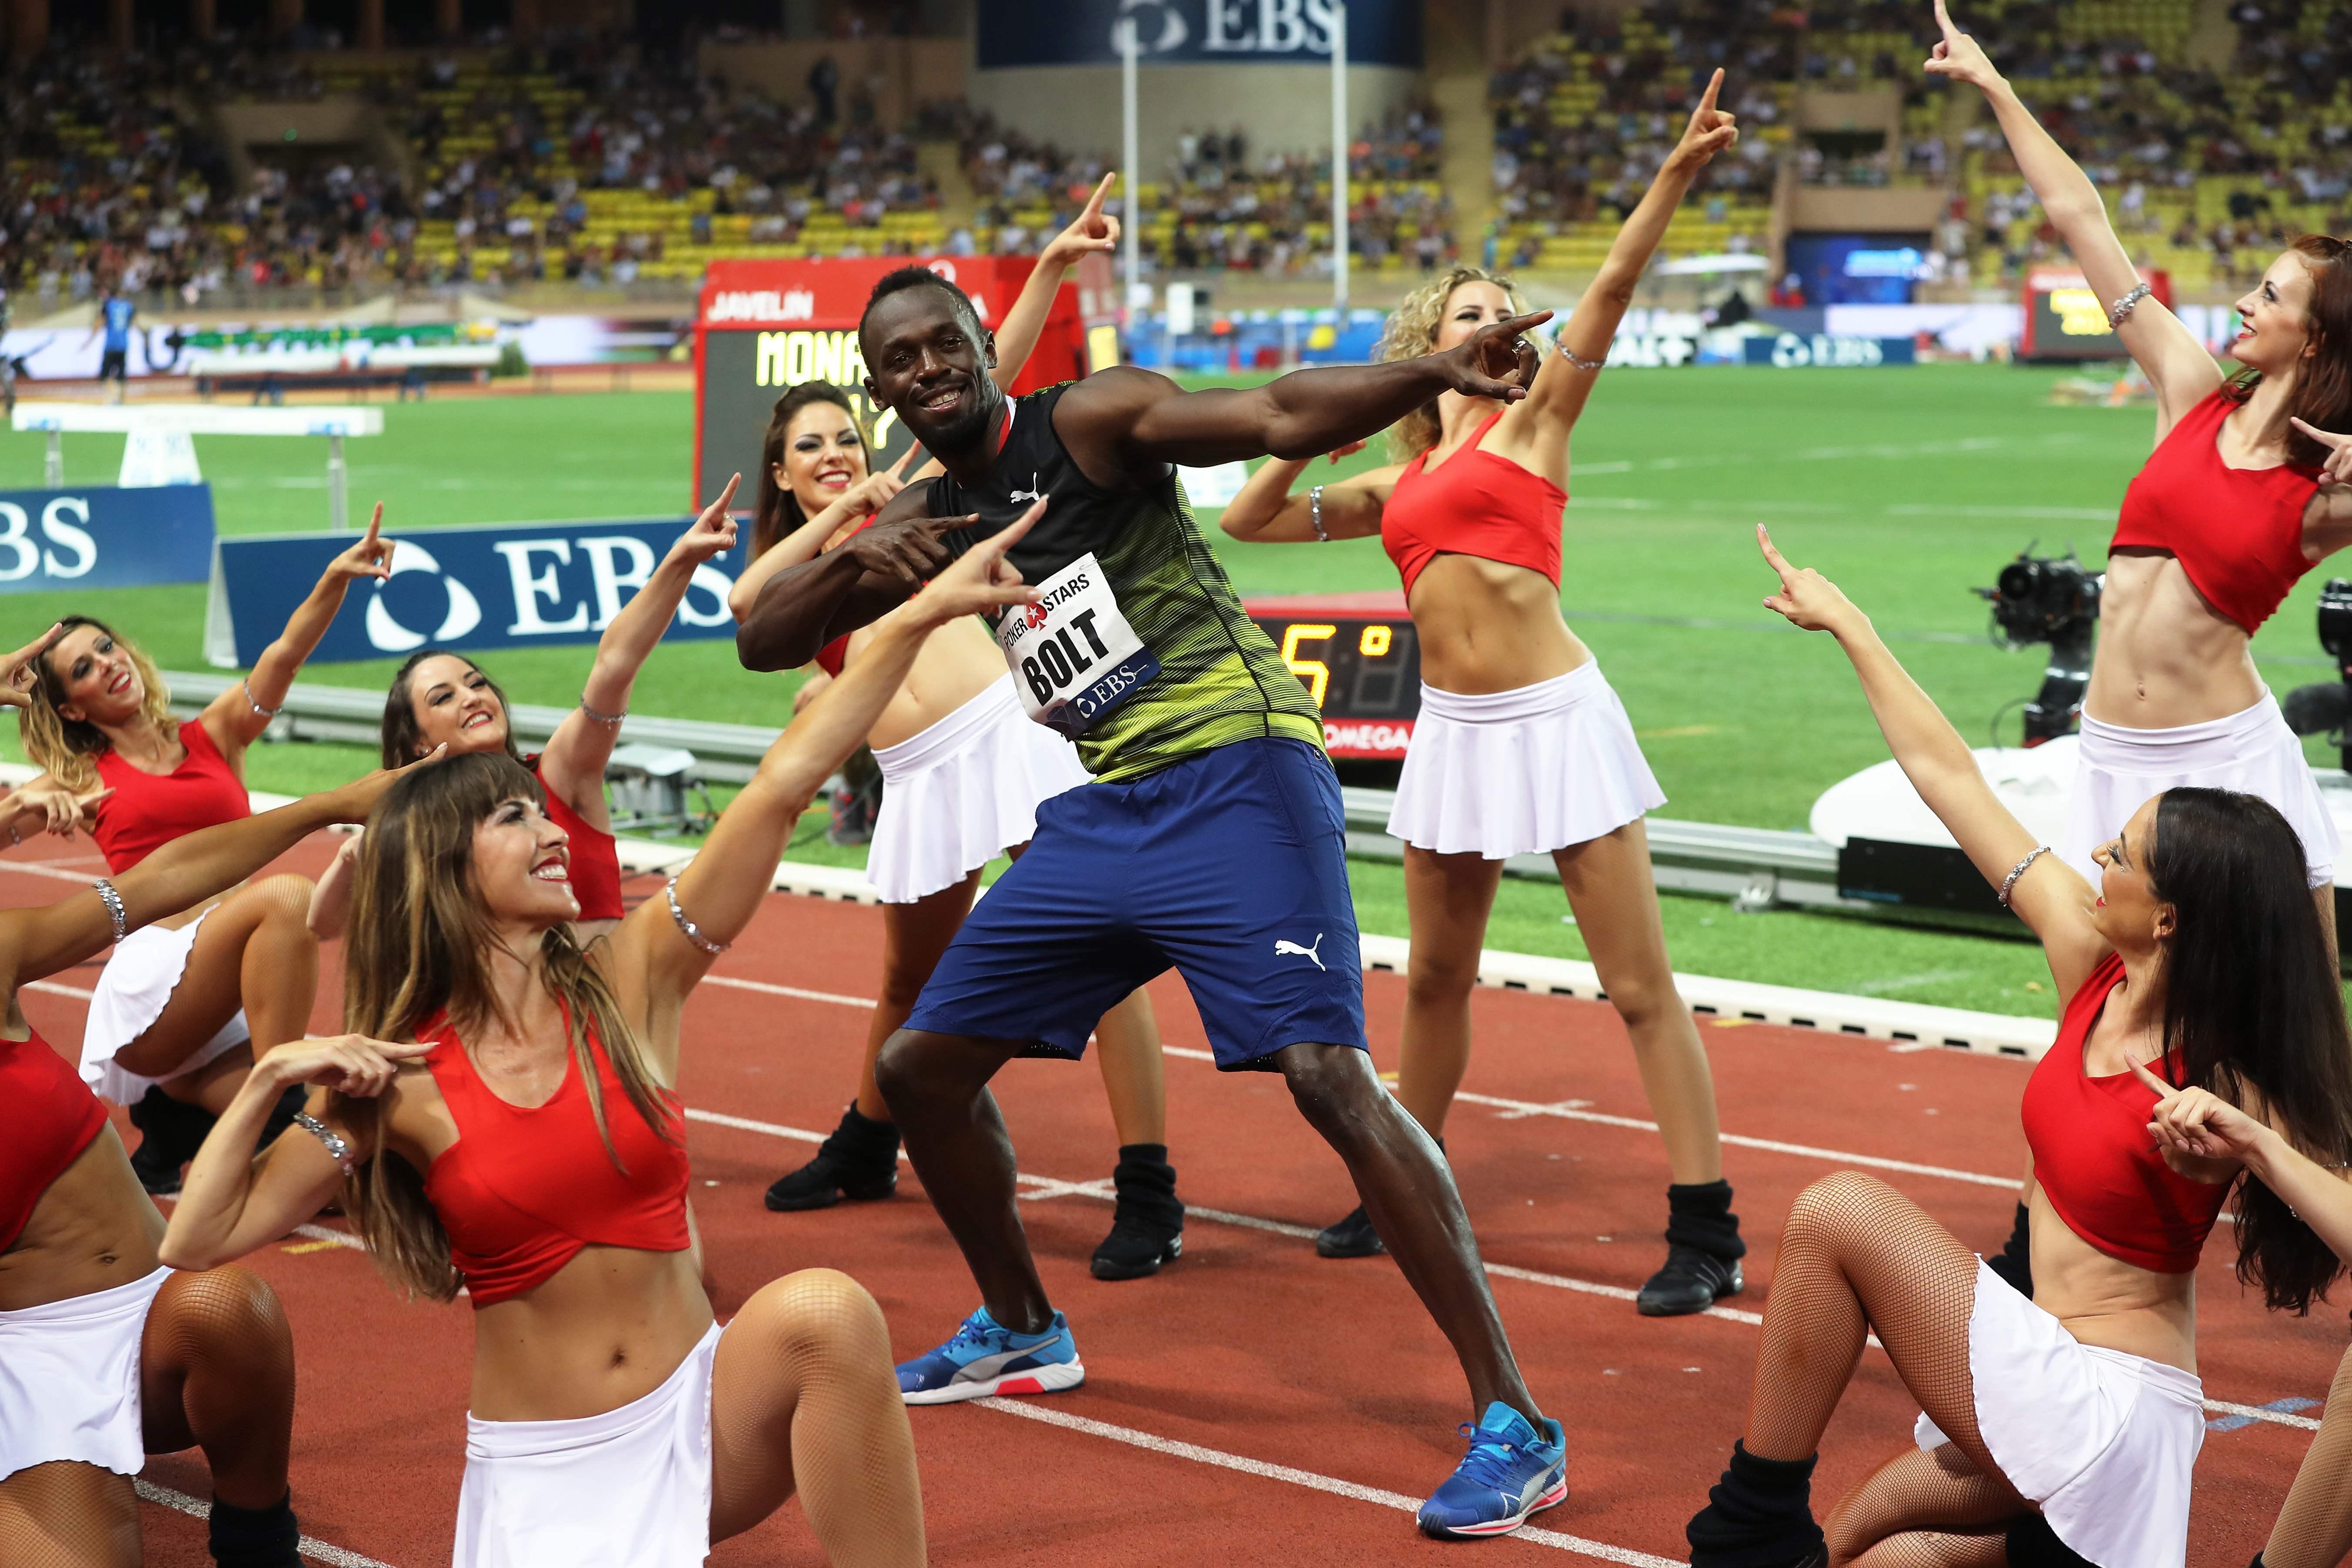 Athlétisme - Bolt : «Je veux gagner, j'ai besoin de gagner»